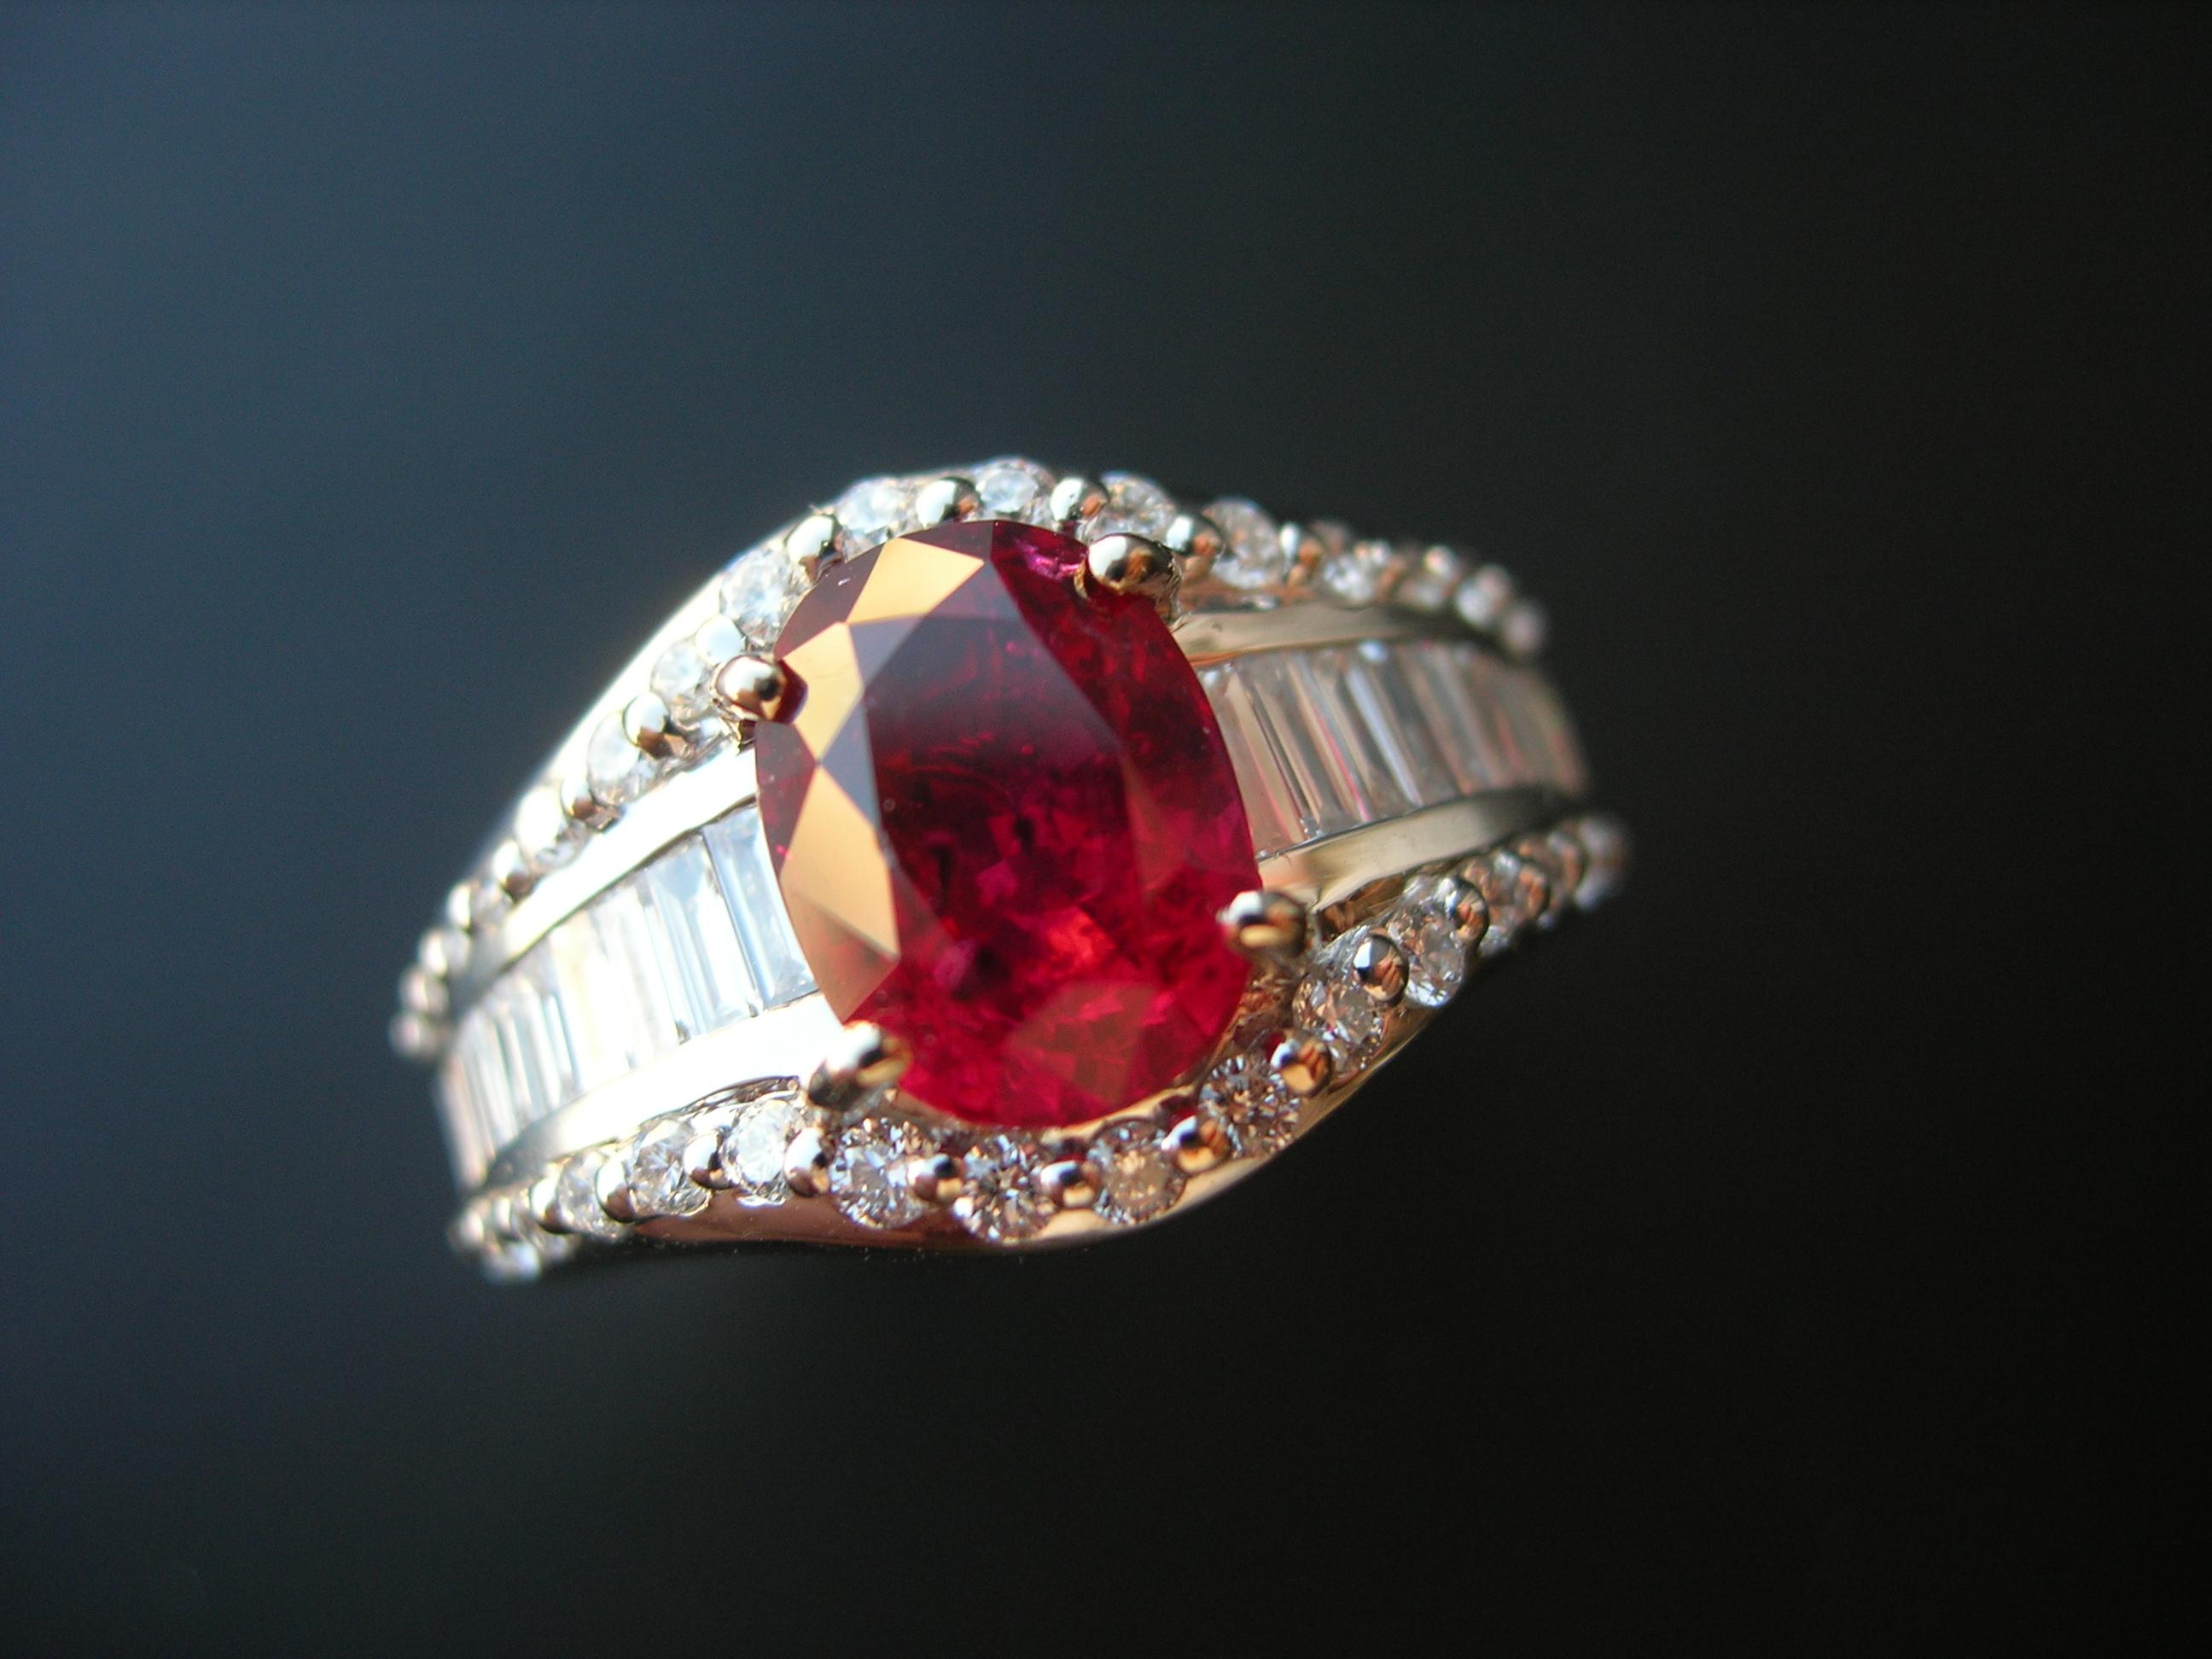 achat bijoux paris rubis